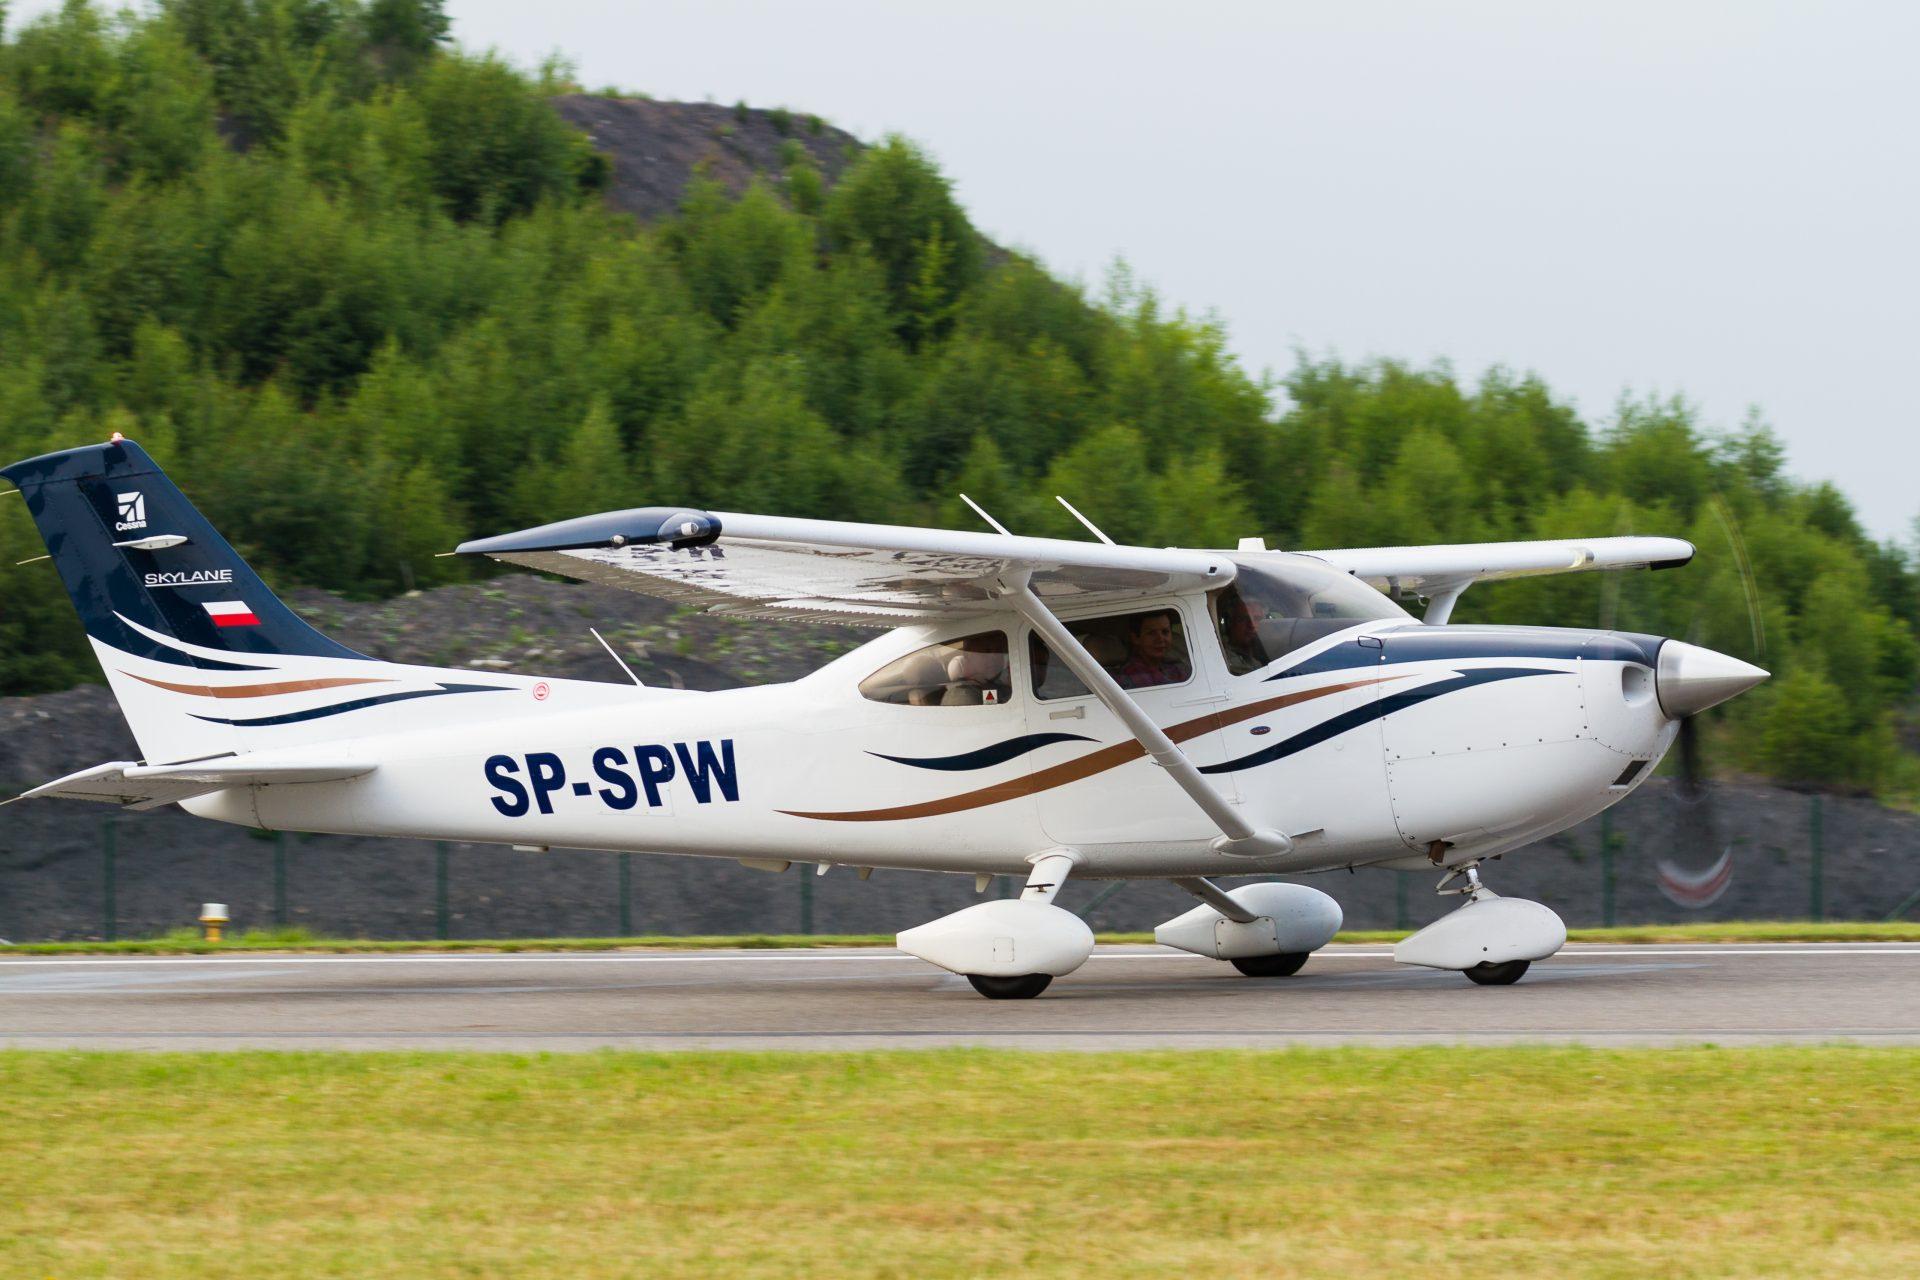 Pilotem na zkoušku z letiště Plzeň pro 3 osoby - Svět Radovánek 13aa005ff1